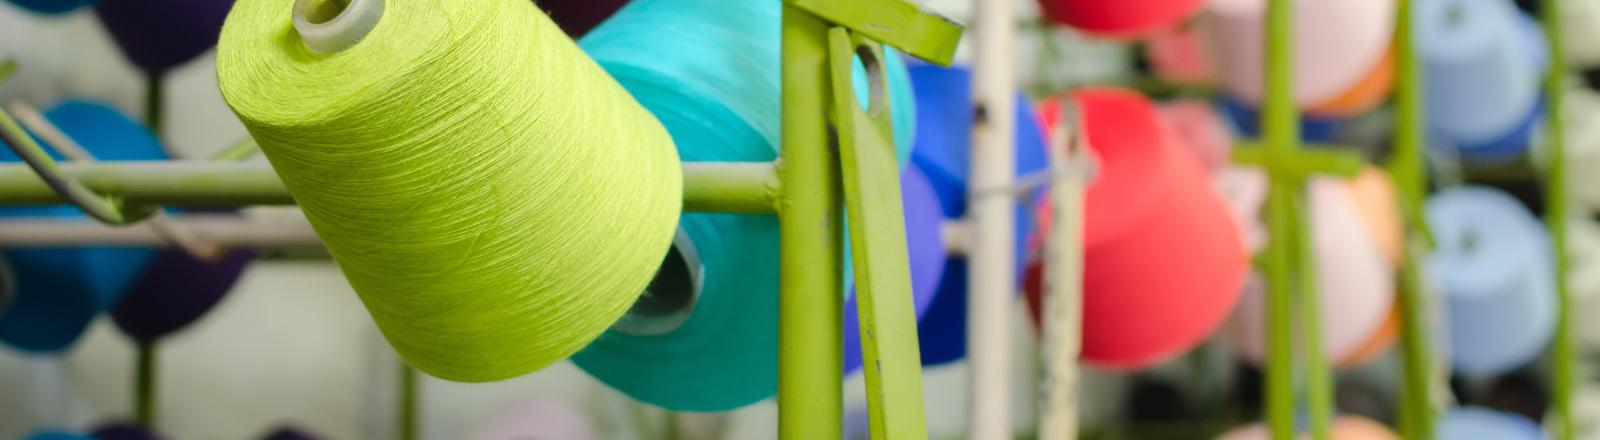 Spulen mit Garn an einem Produktionsstandort der Textilindustrie